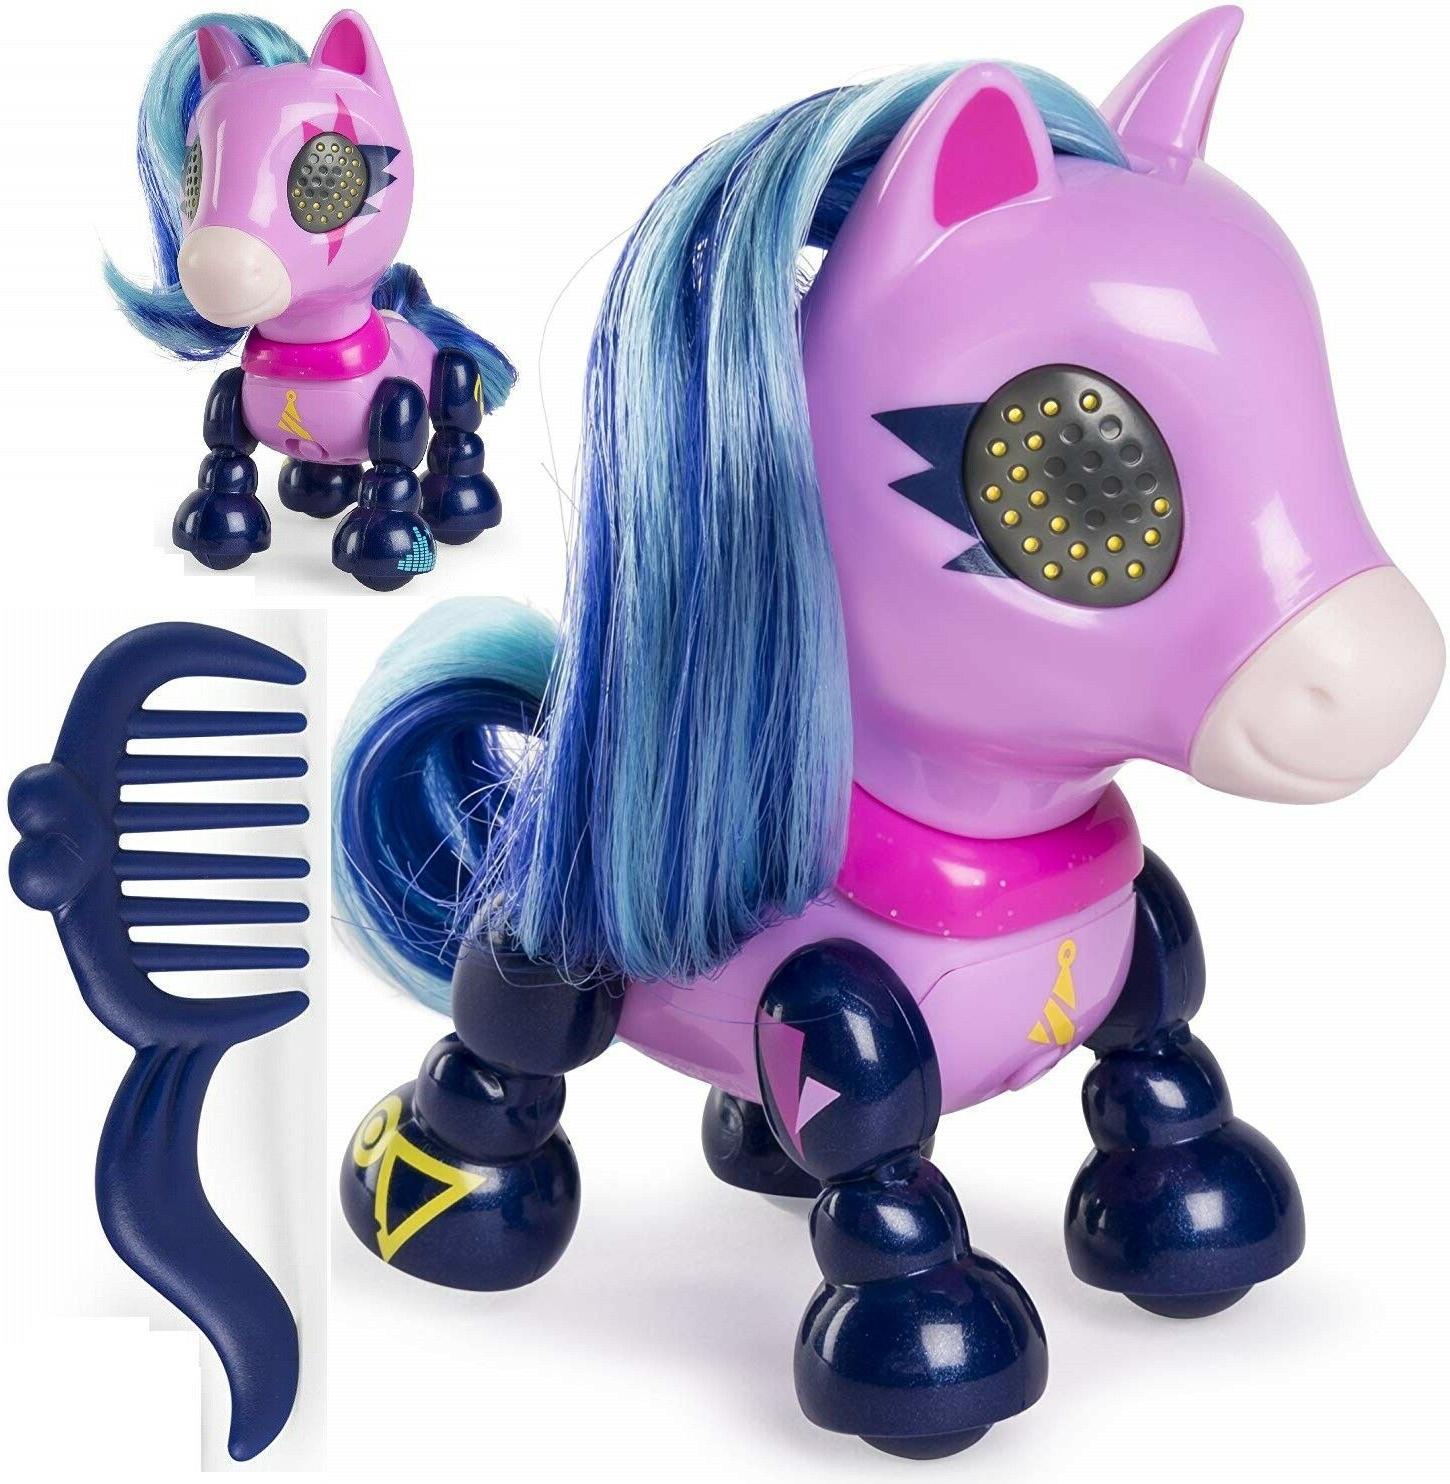 toys for girls kids children robot lights